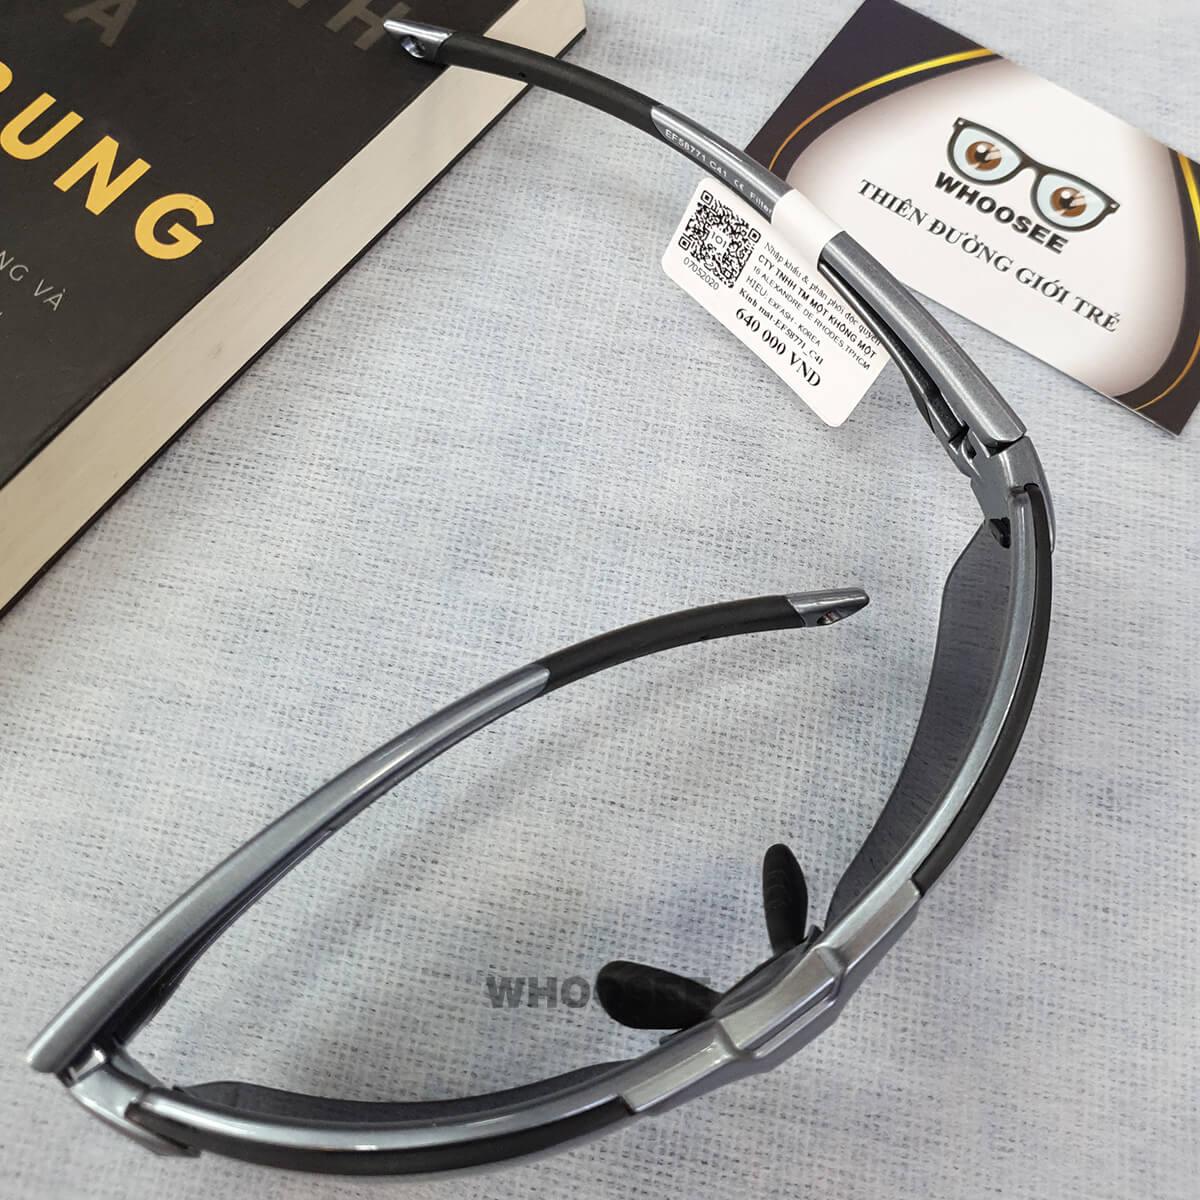 kính mát thể thao màu xám bạc ef58771 c41 exfash